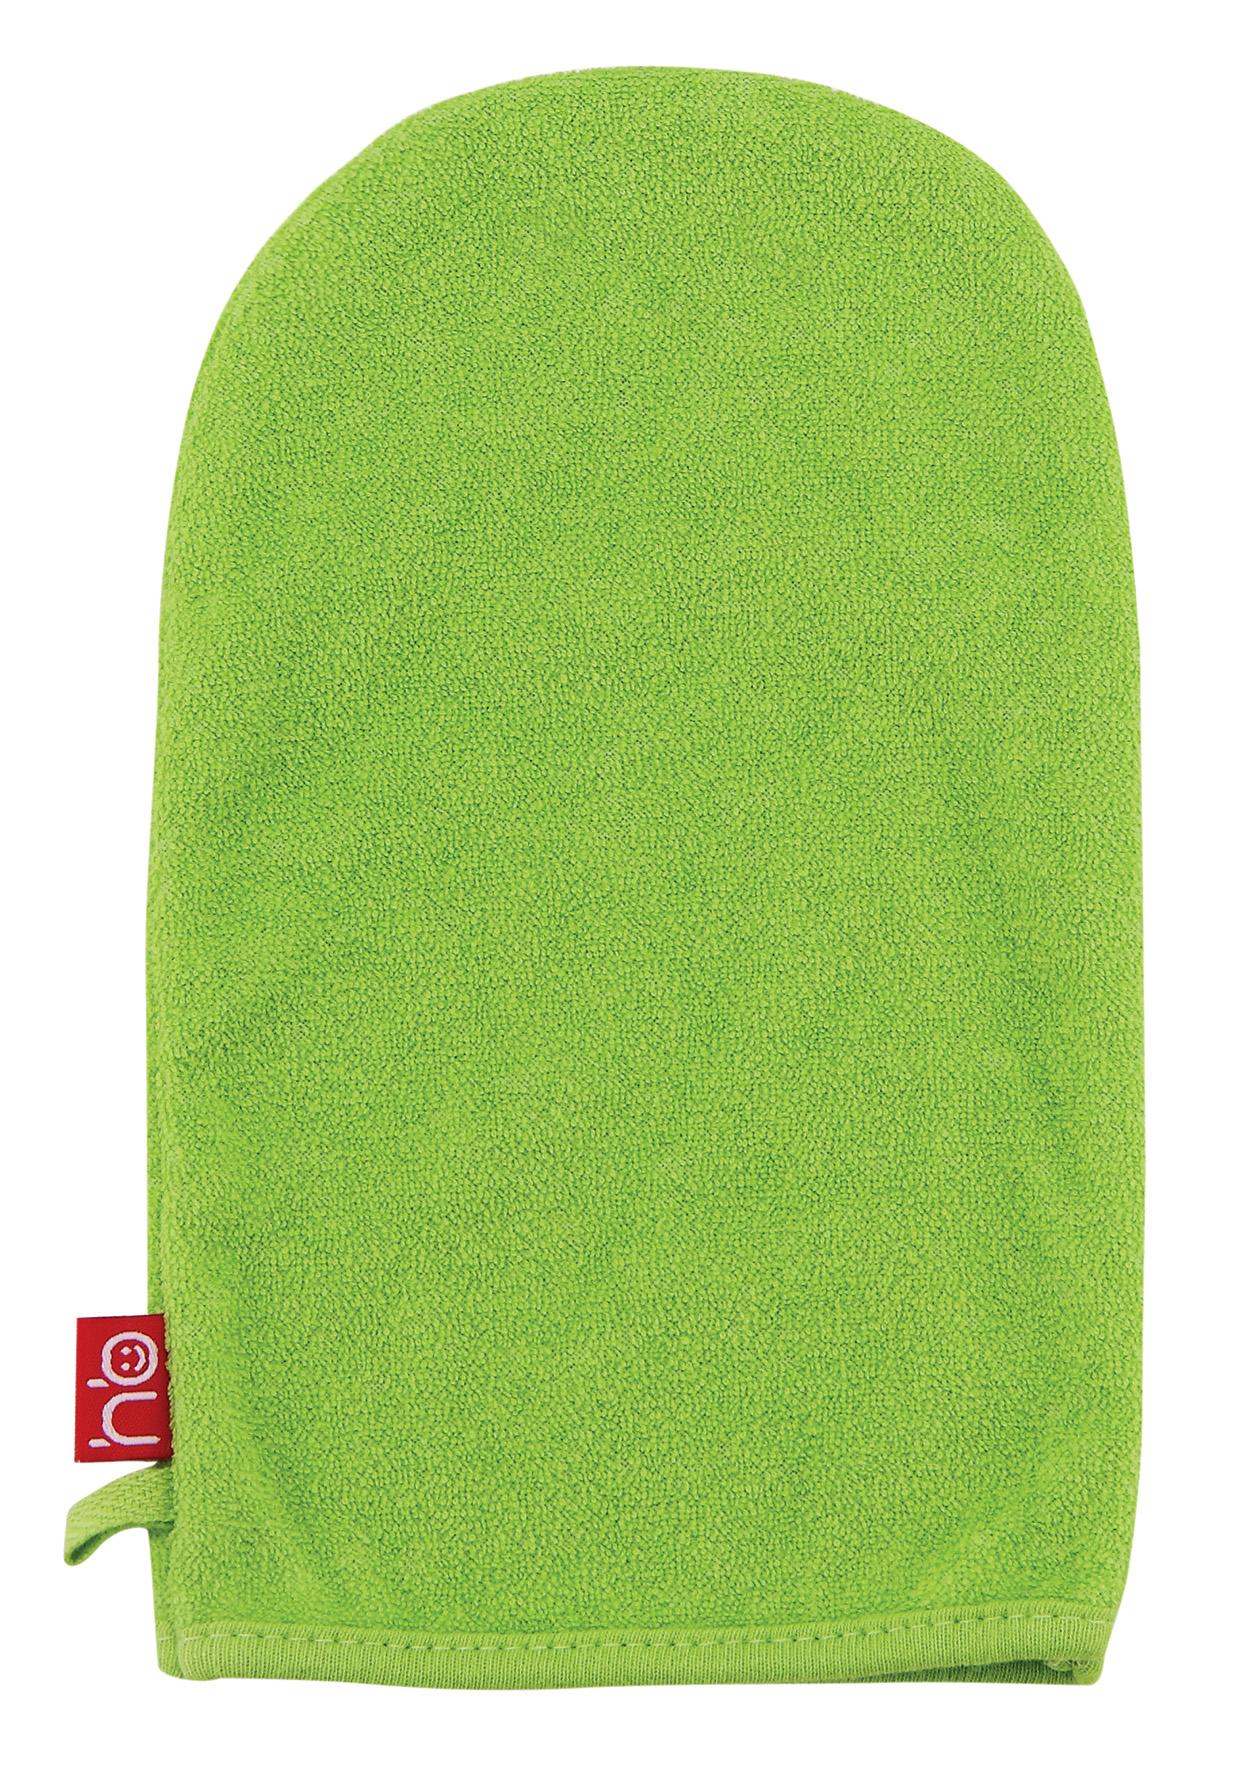 35005 Green Мочалка-рукавичка WASH&BATH (288 шт./12 шт.)35005_зеленый